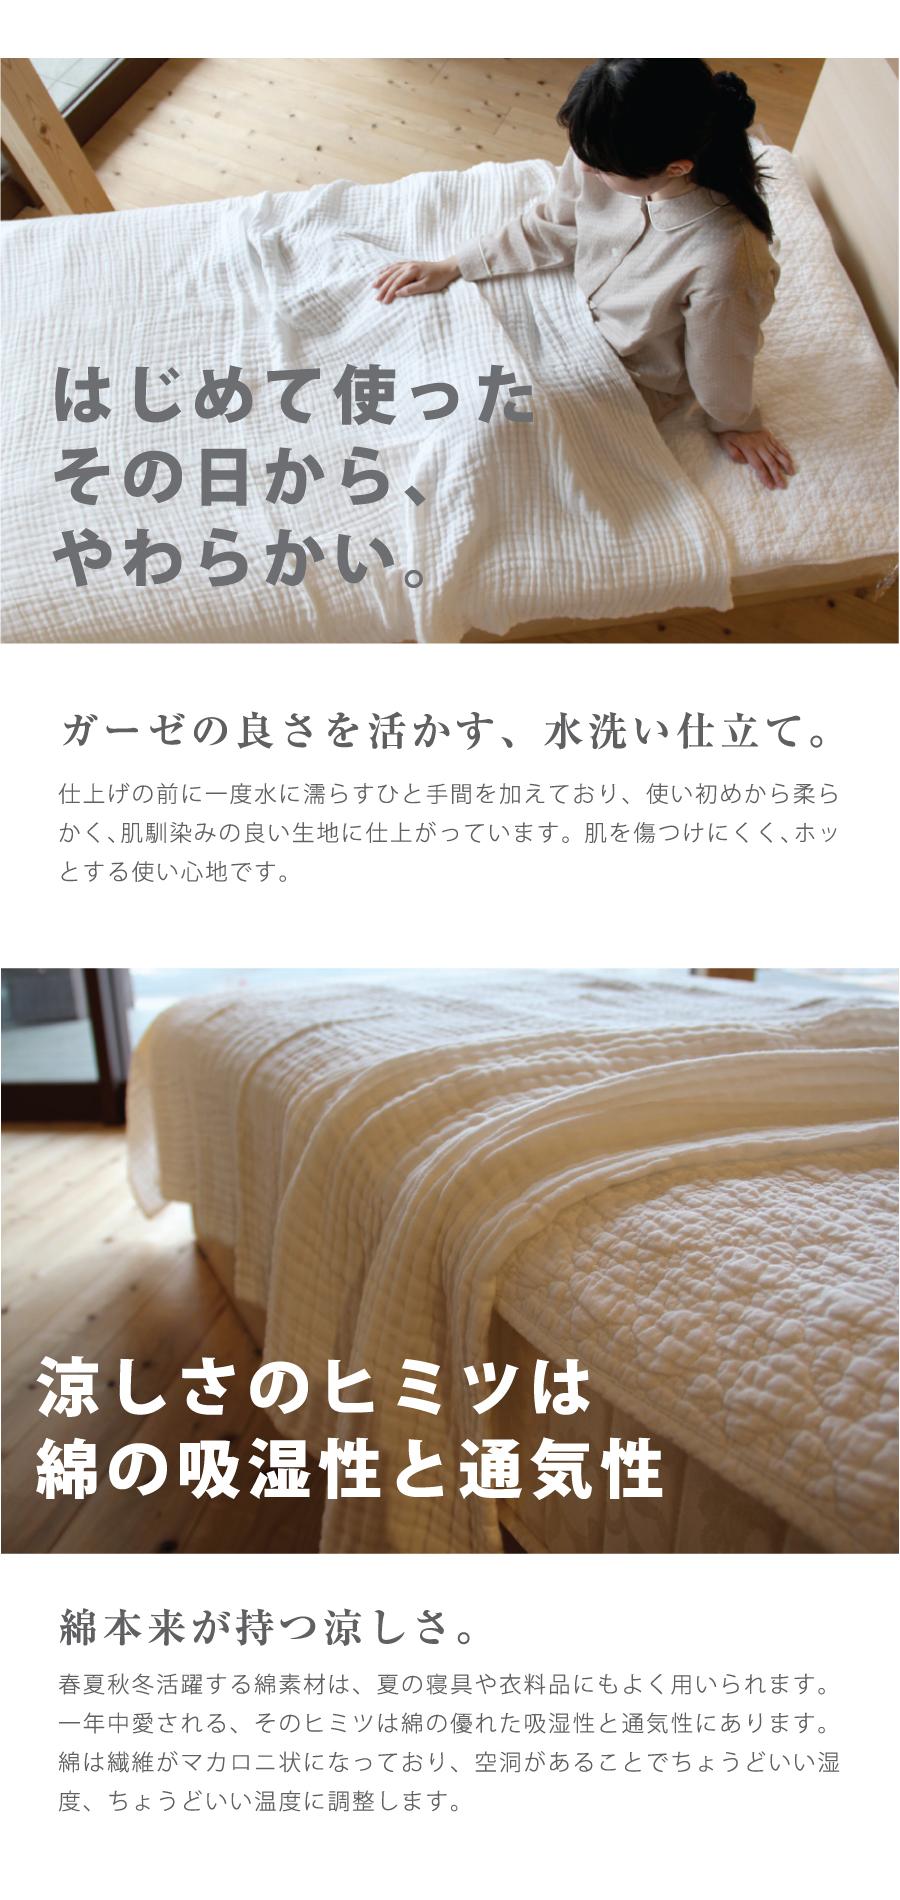 綿本来の吸湿性と通気性